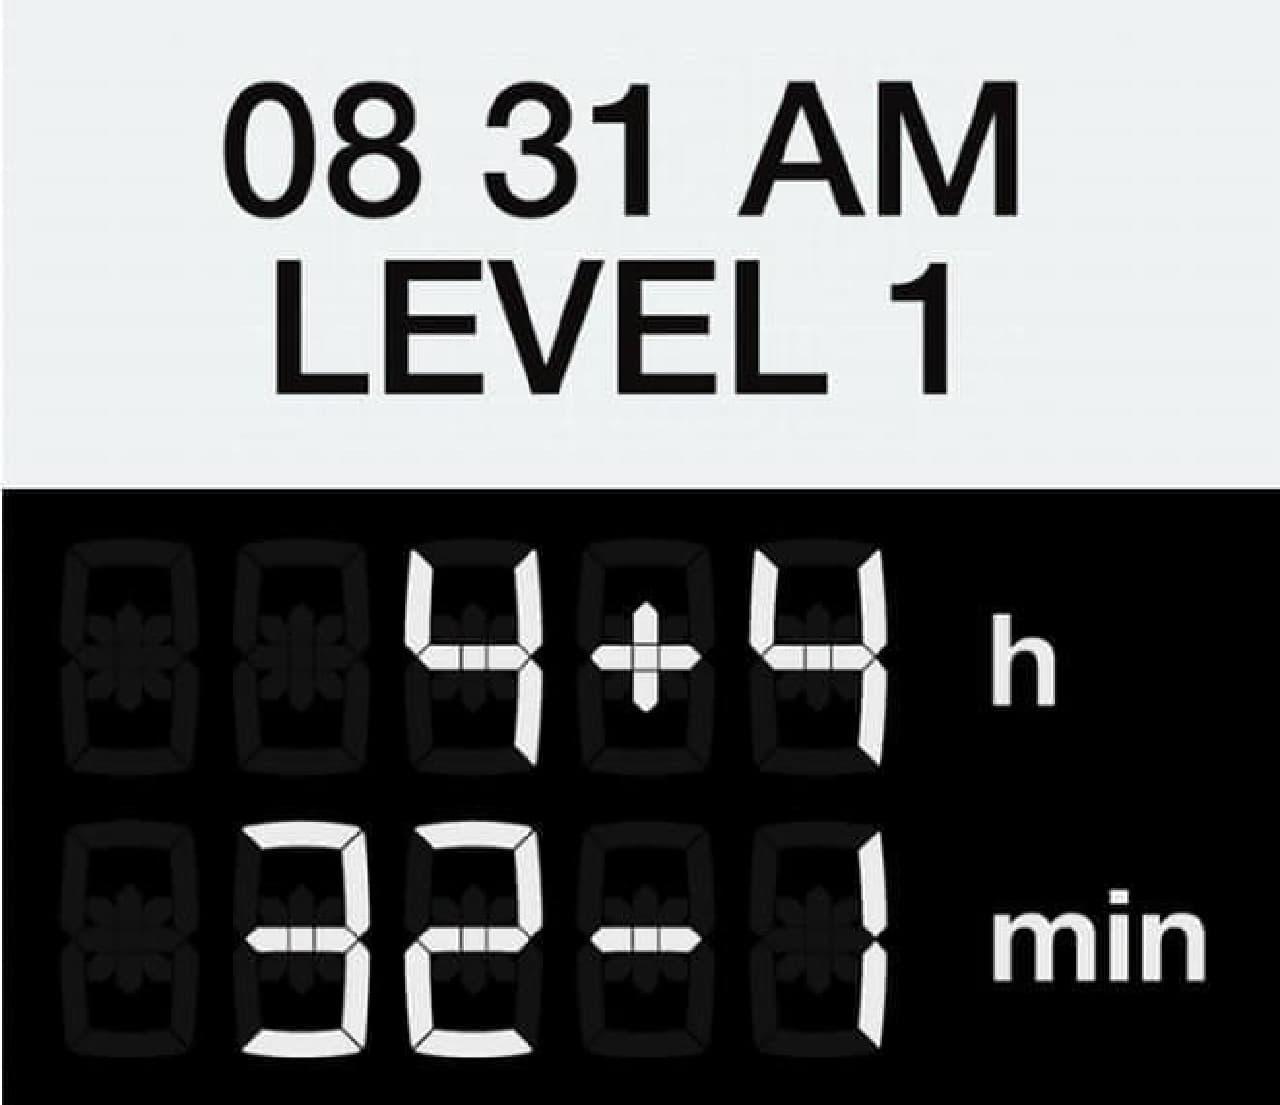 「LEVEL1」表示の例  これはさすがに見た瞬間に8時31分だと分かります